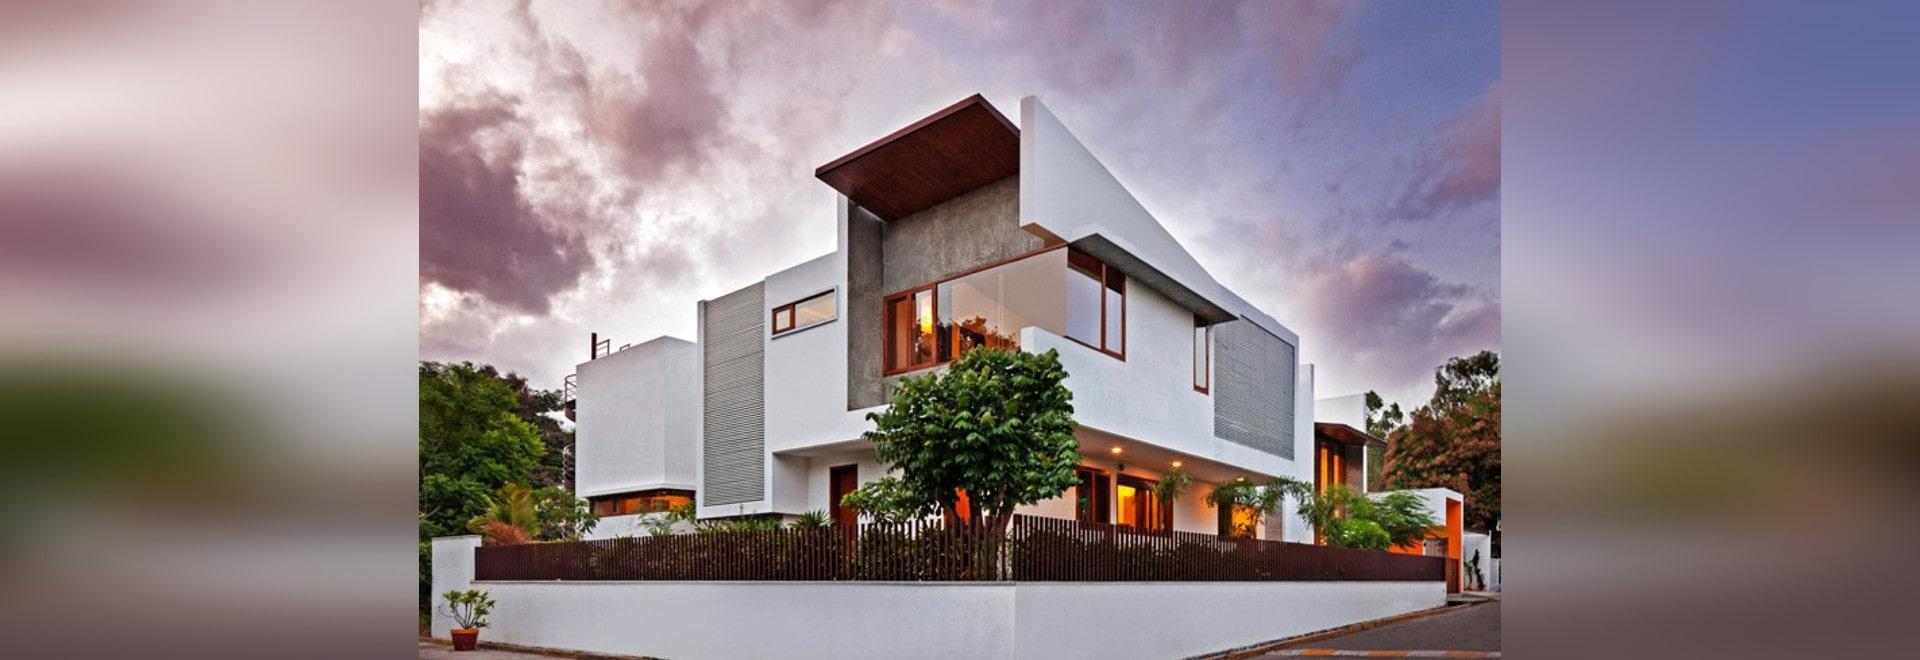 Dieses L-förmige Haus? s-doppelte Höhen-Wohnzimmer öffnet sich zum ...